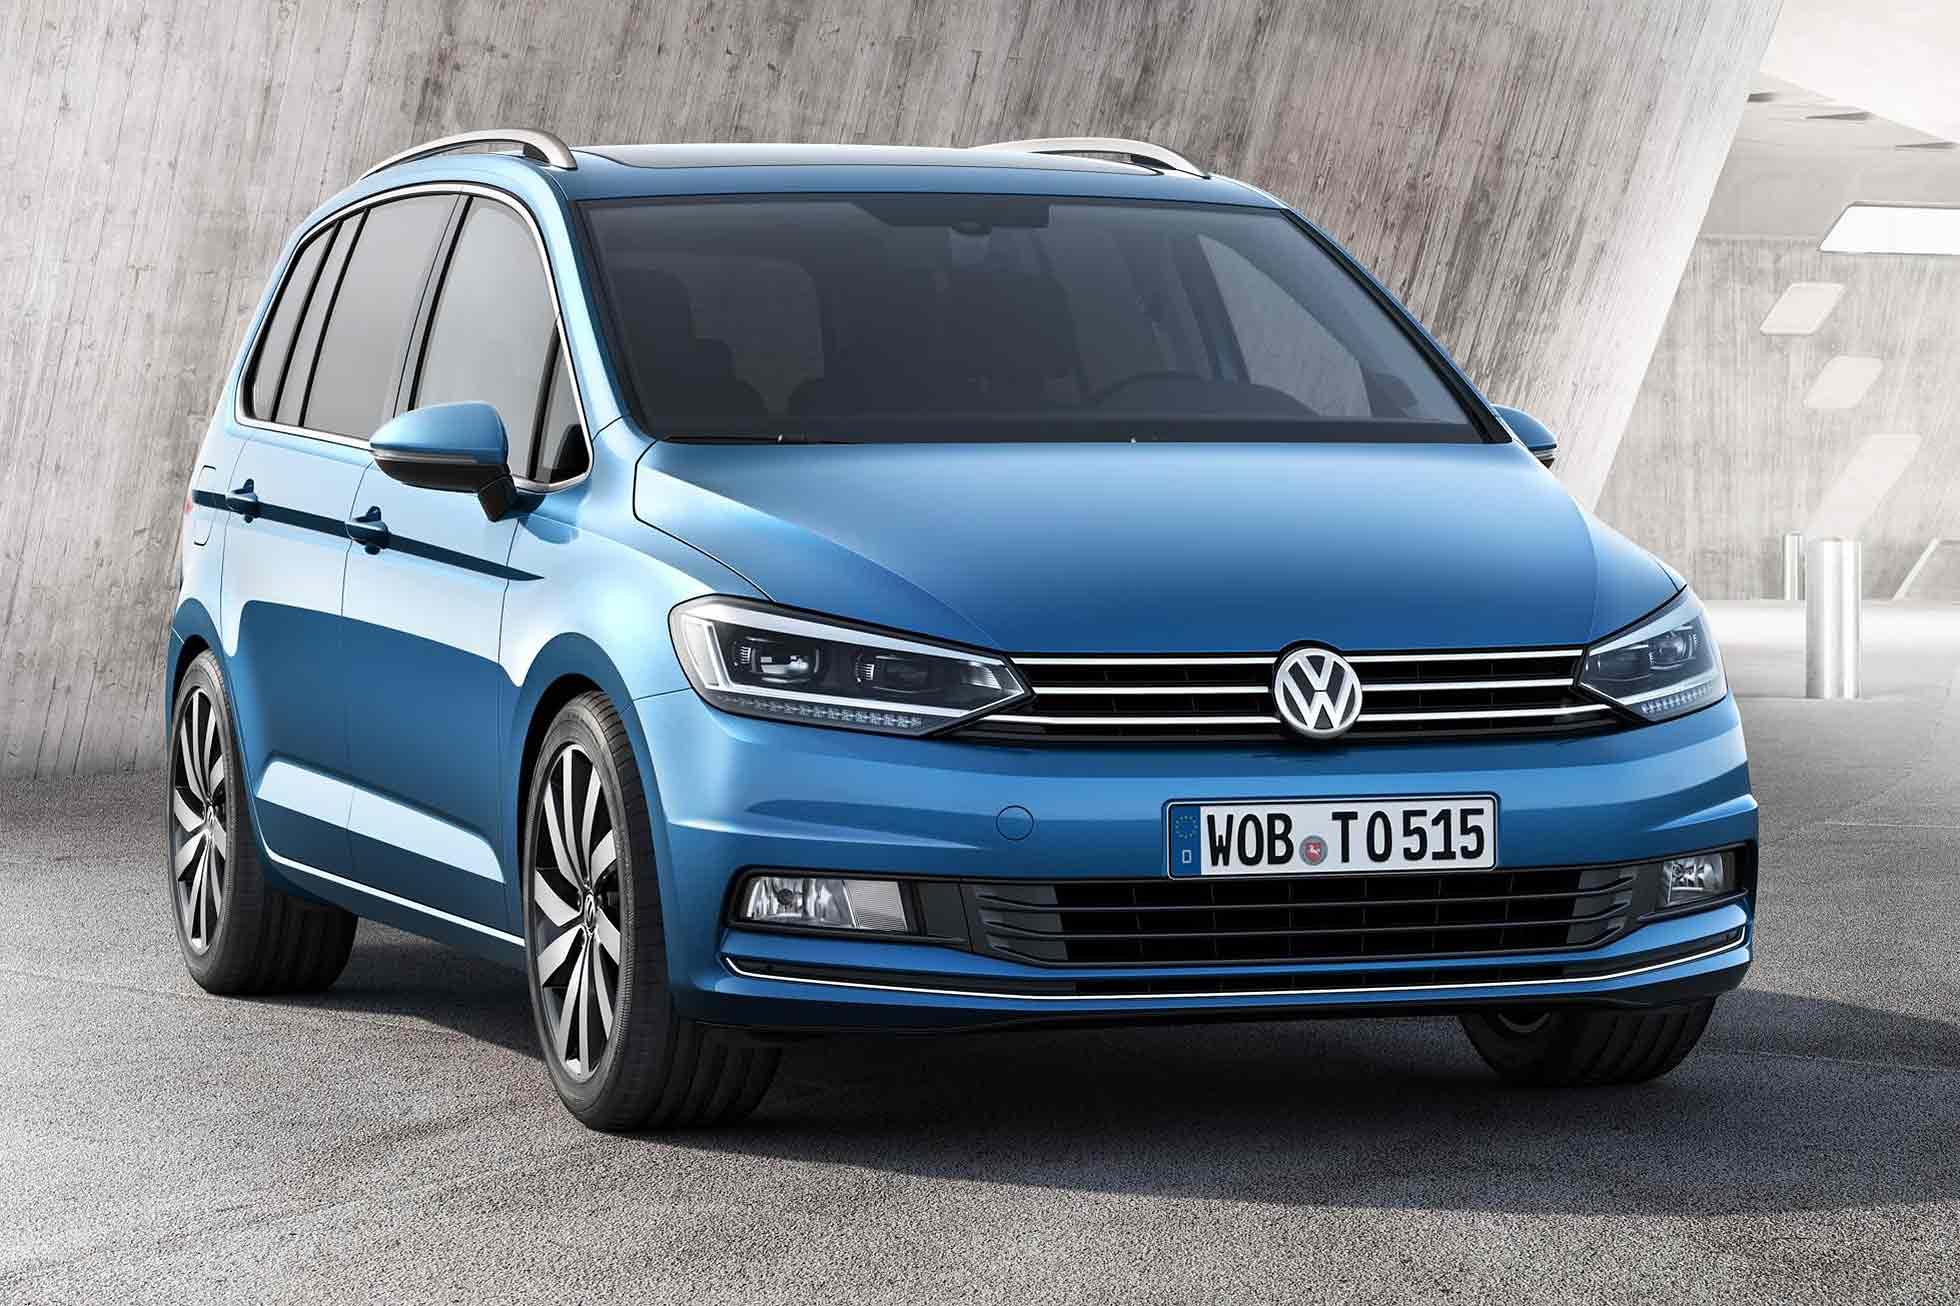 New Volkswagen Touran